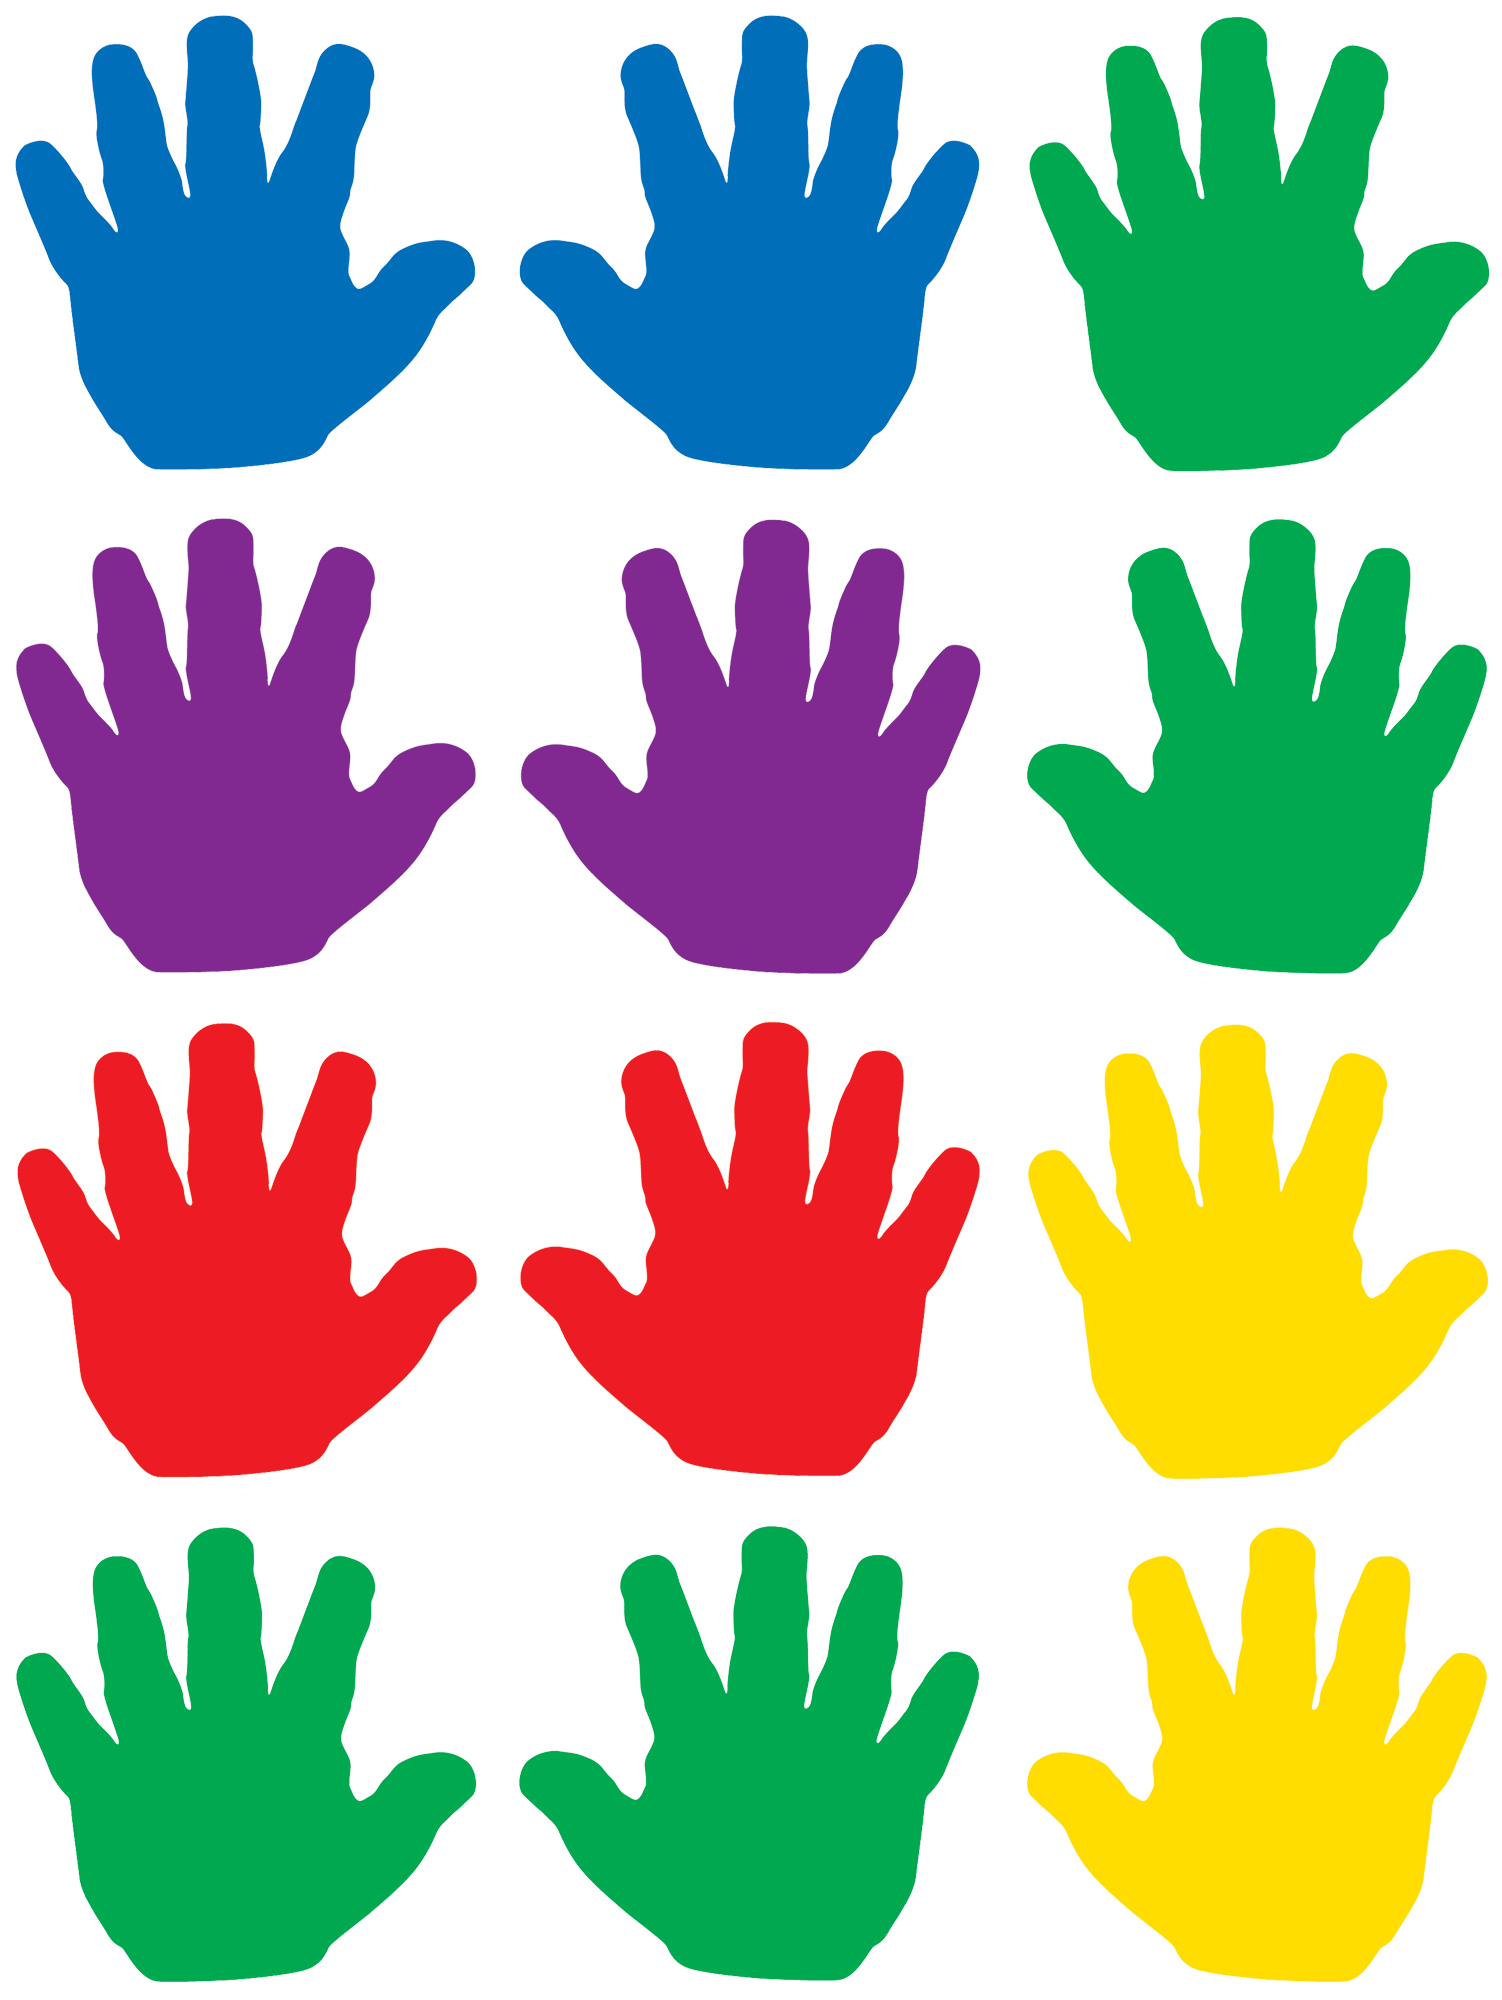 разноцветные ладони картинки сидели раскорячив ноги